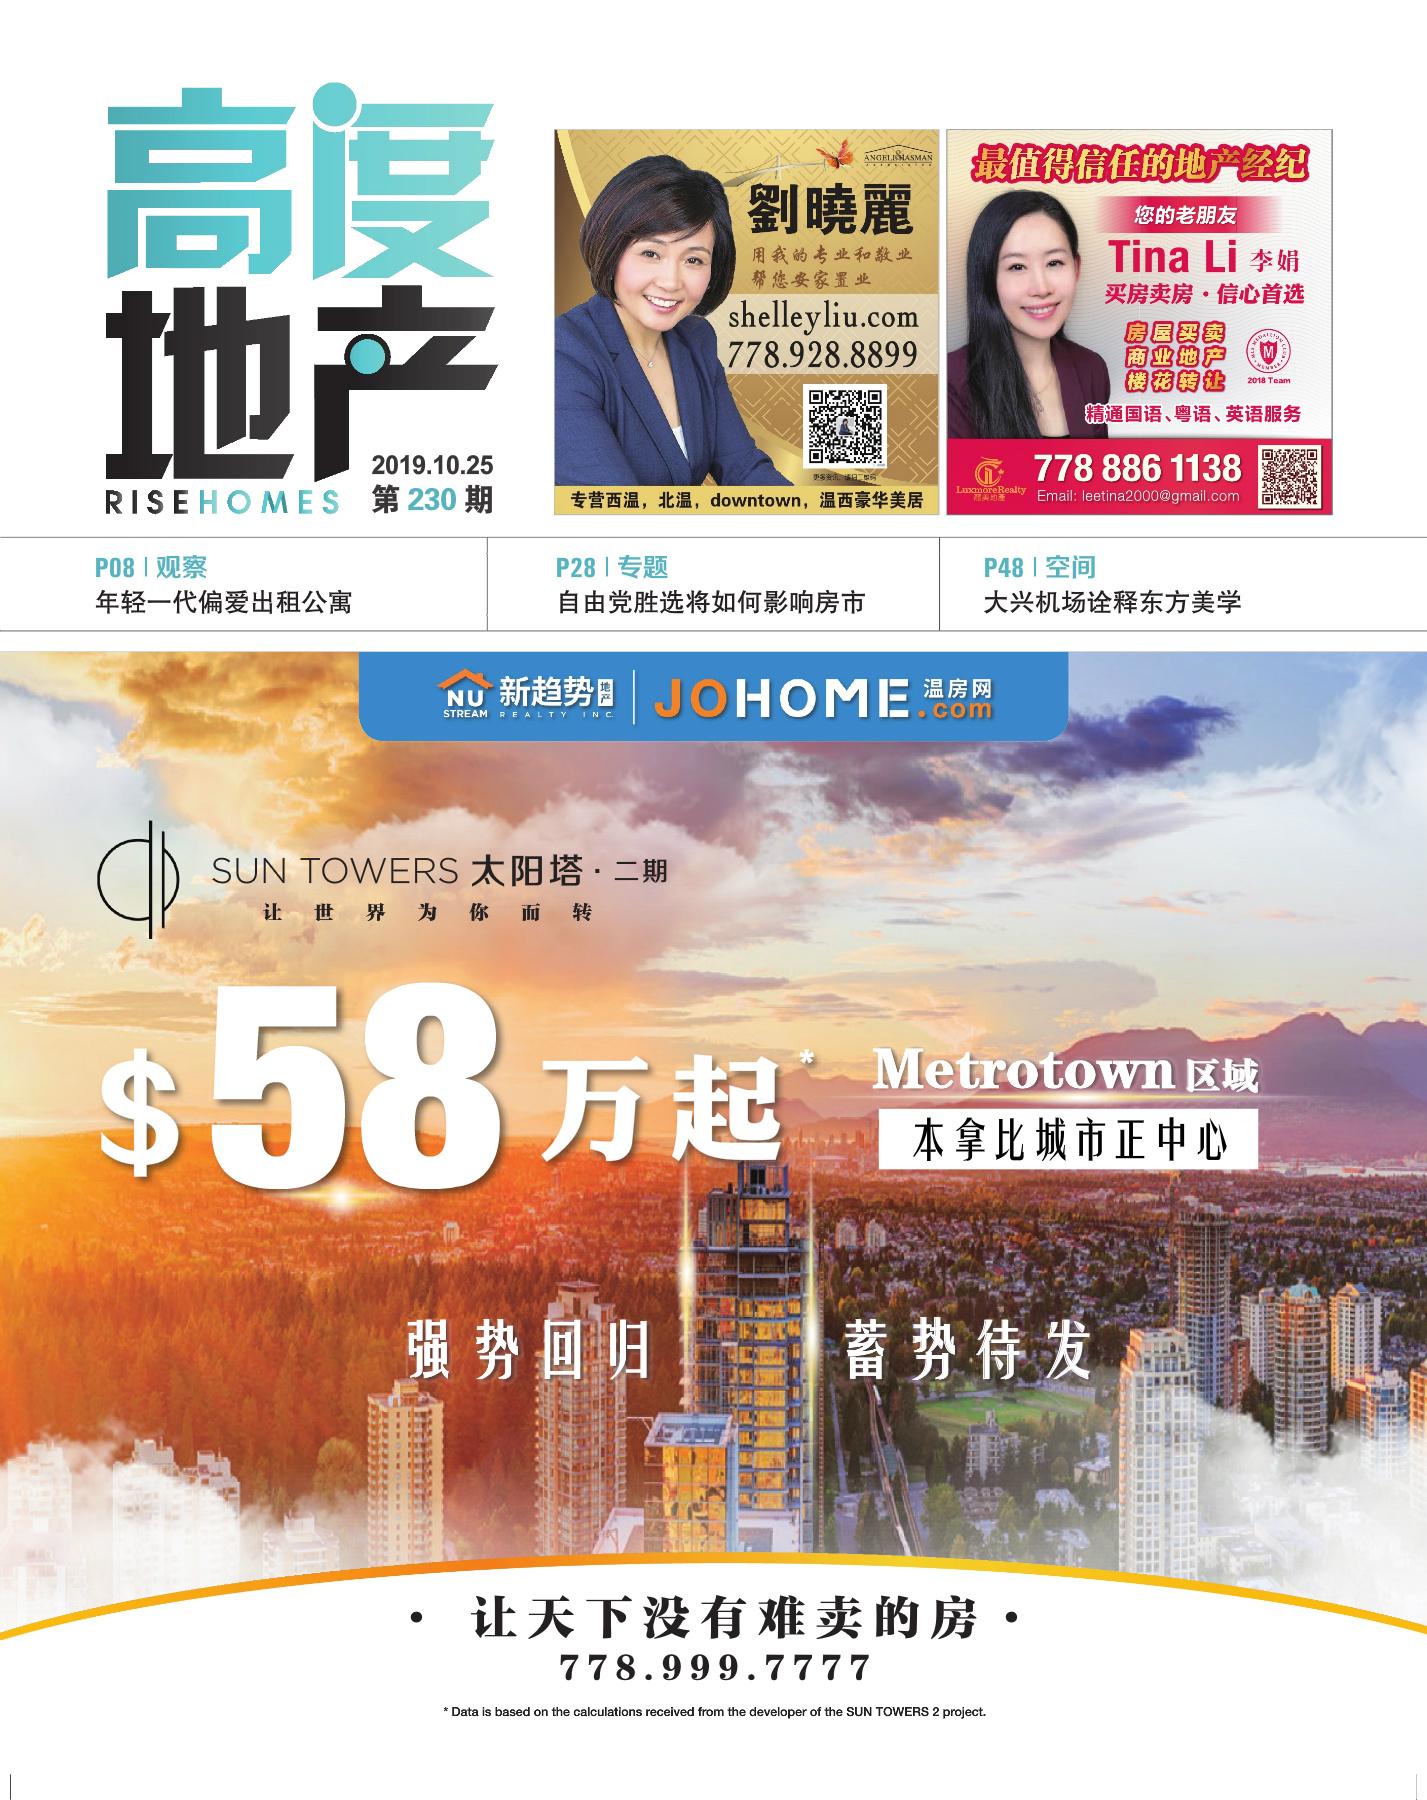 高度地产周刊 2019年10月25日 第230期